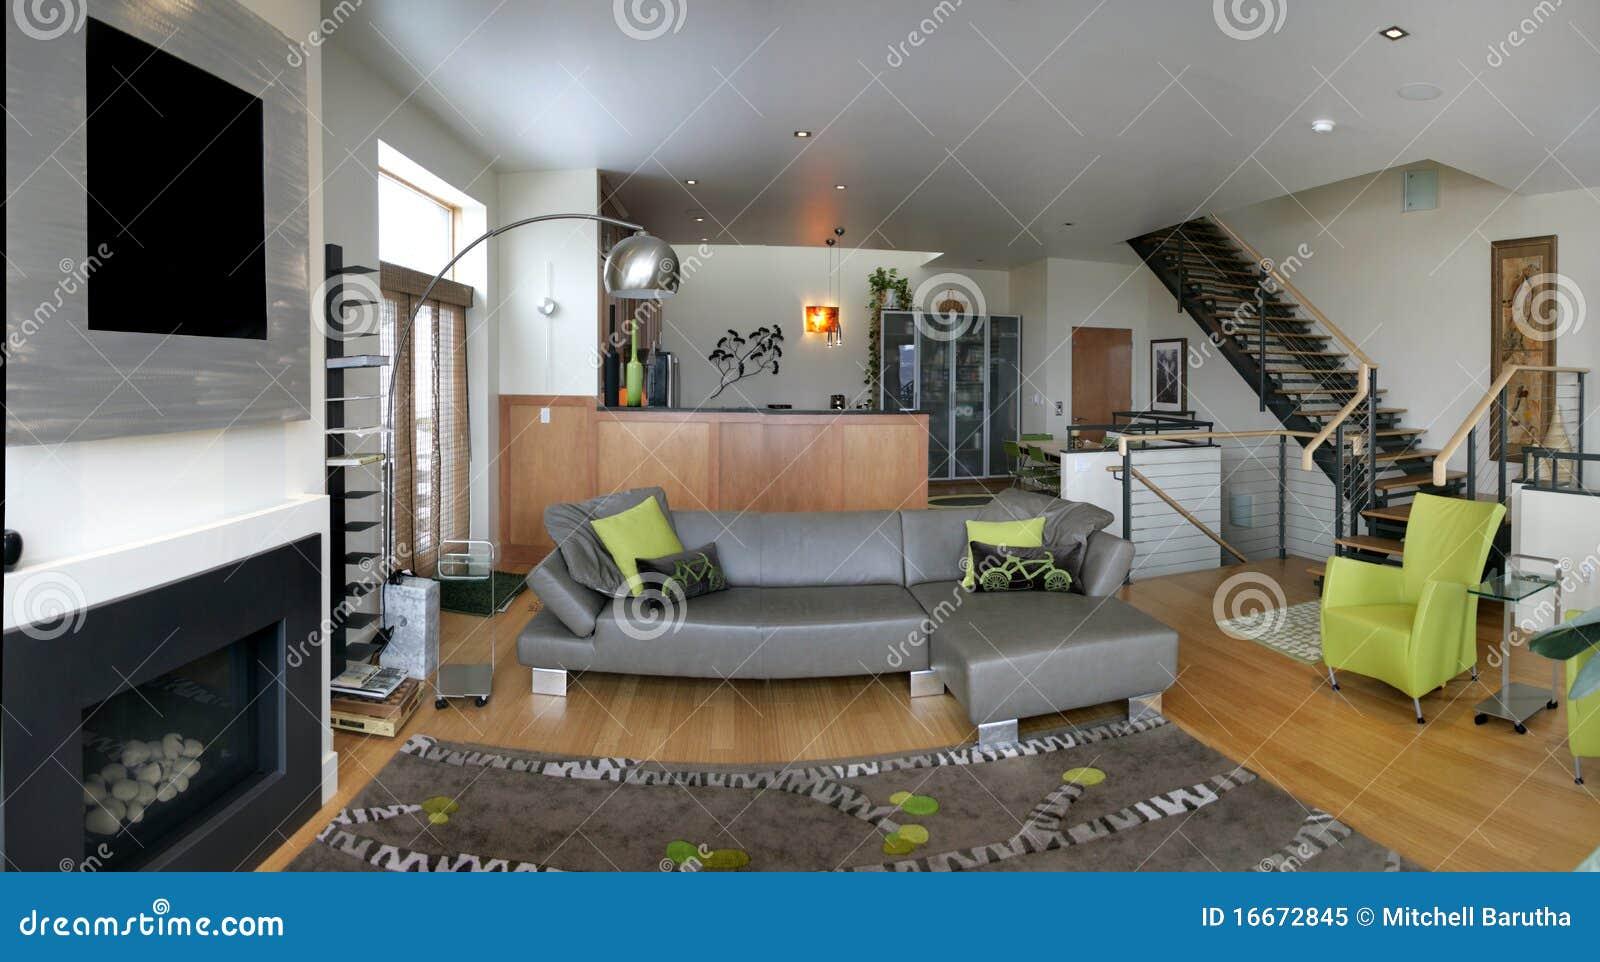 Woonkamer Op Zolder : De woonkamer van de zolder stock afbeelding. afbeelding bestaande